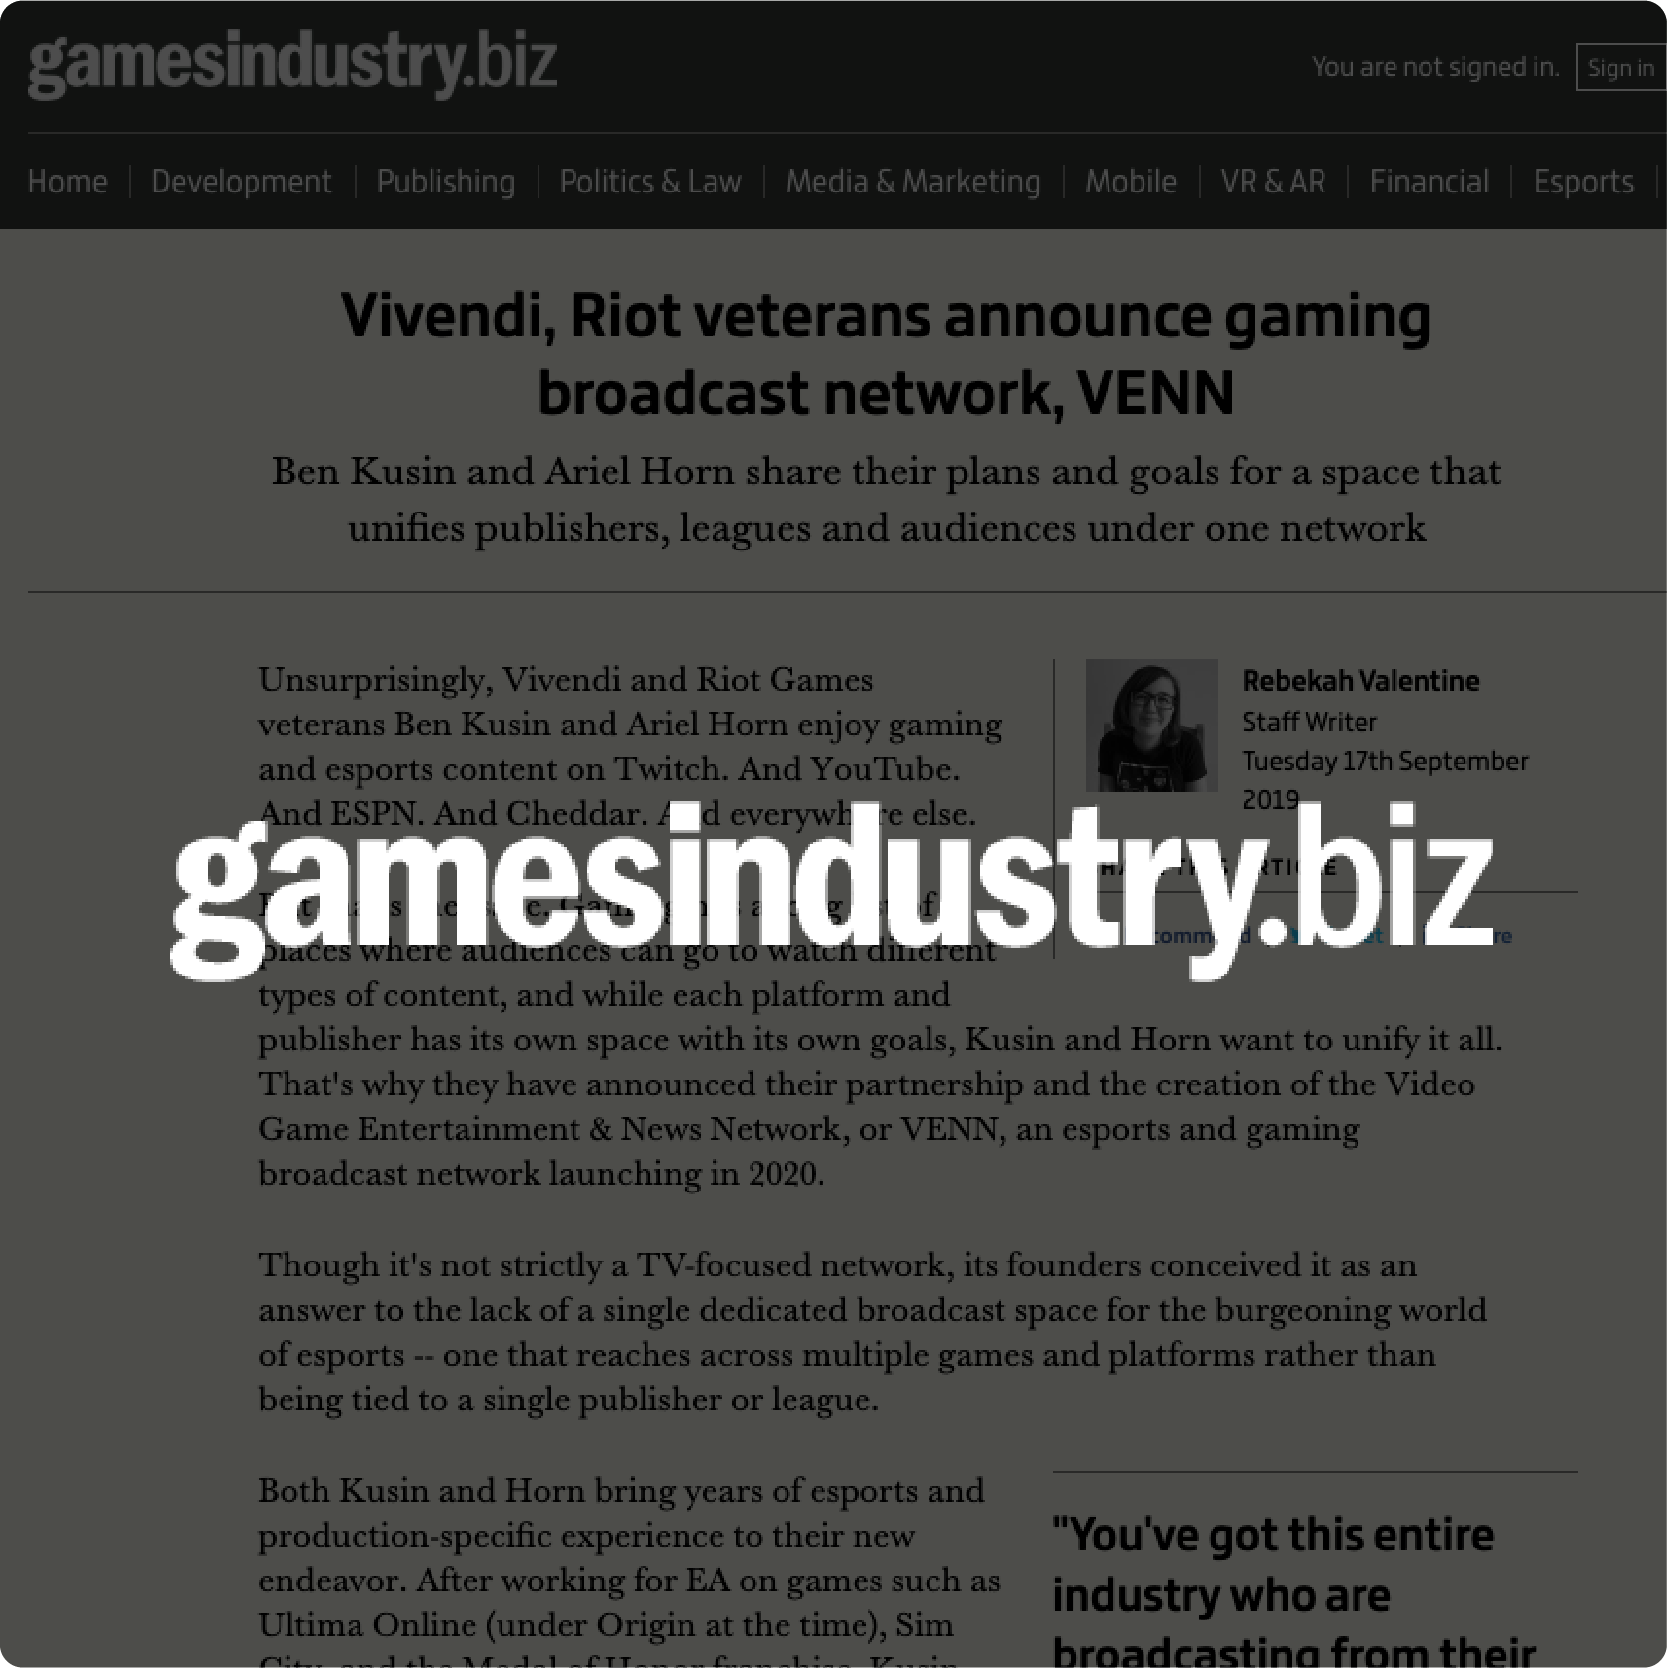 GameBiz